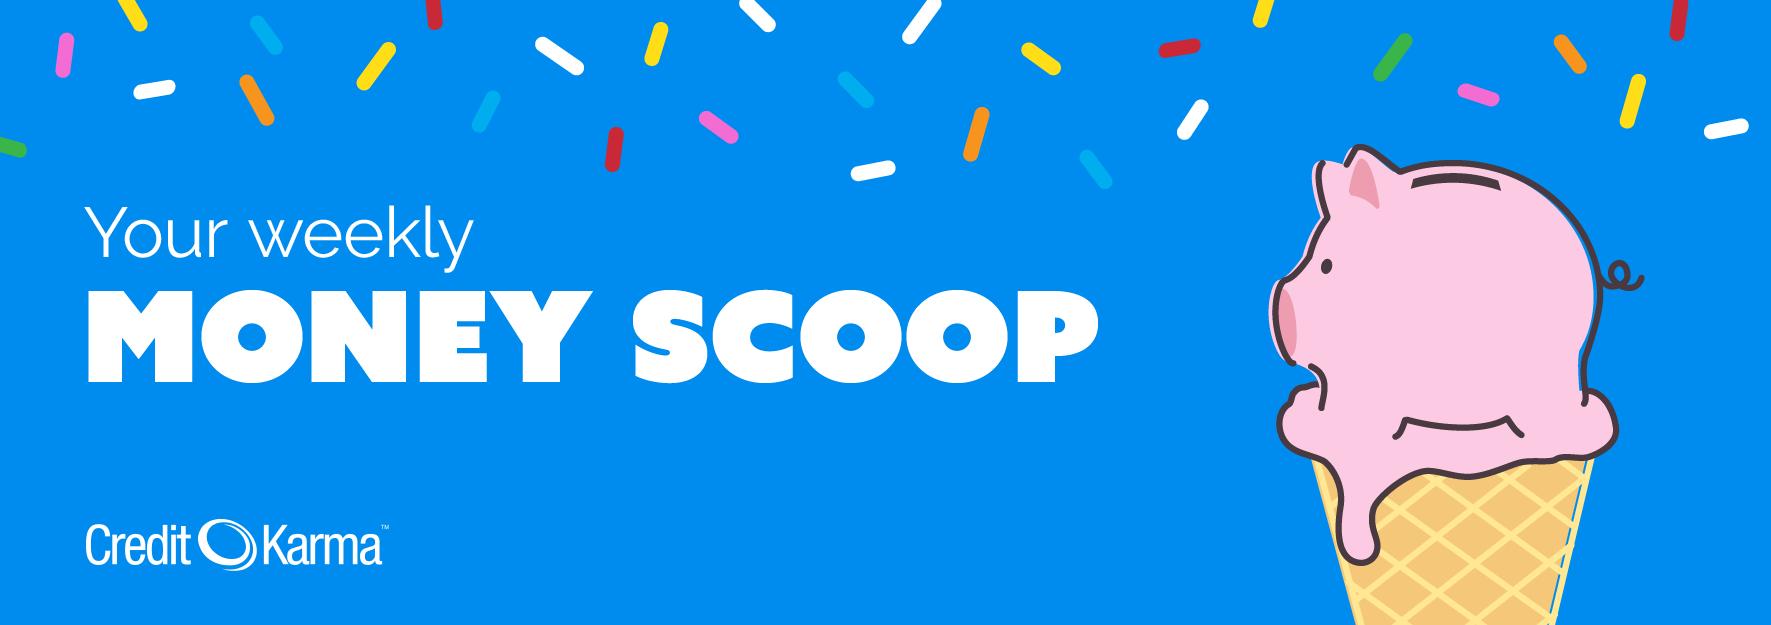 Your weekly money scoop: September 2, 2016